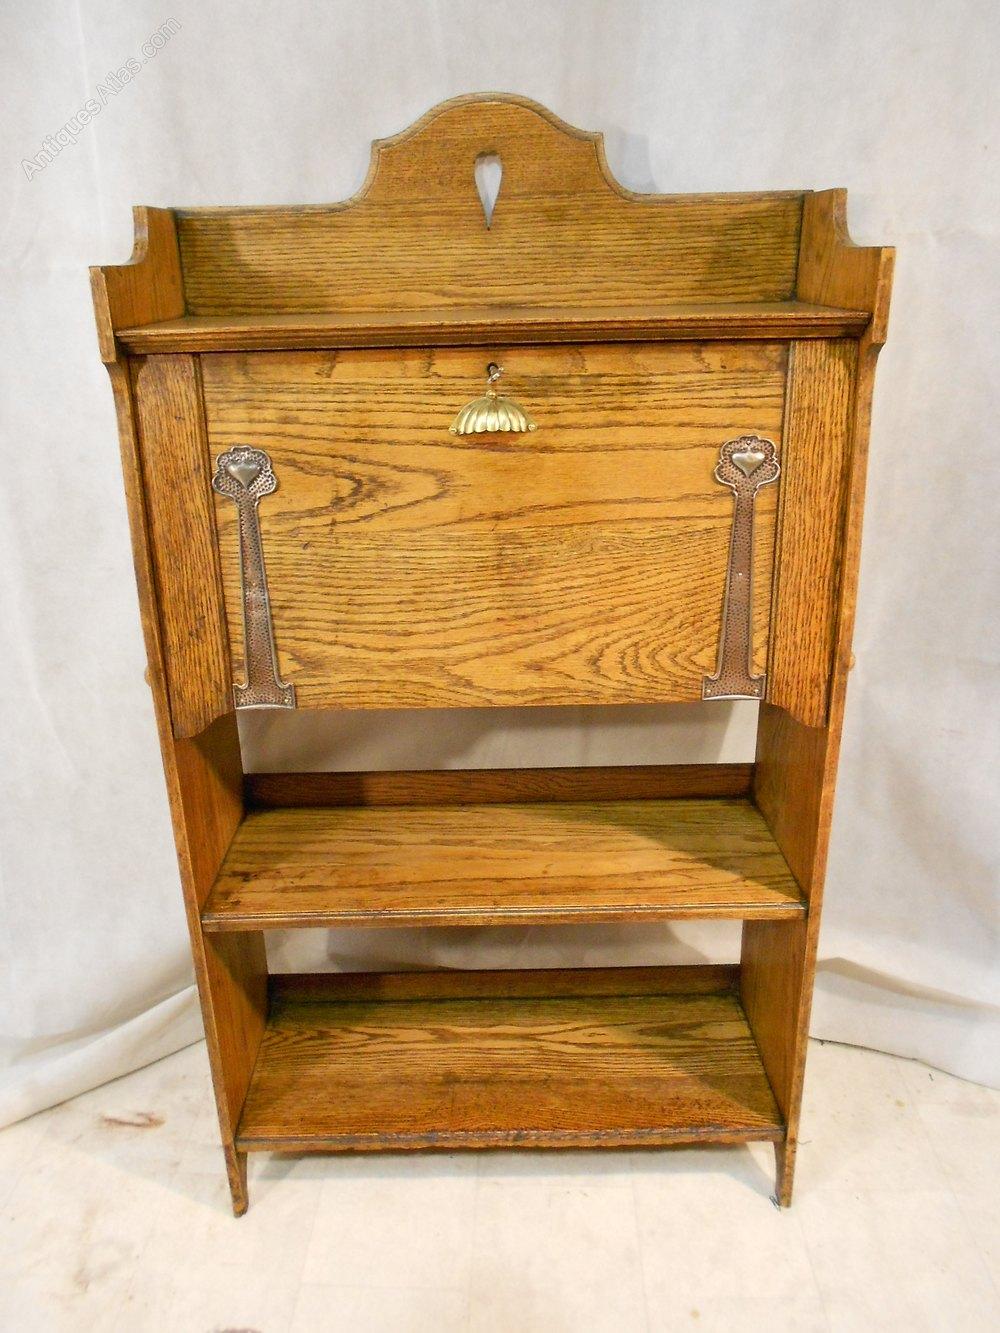 Arts and crafts bureau -  Bureau With Hearts Antique Bureaus Antique Arts And Crafts